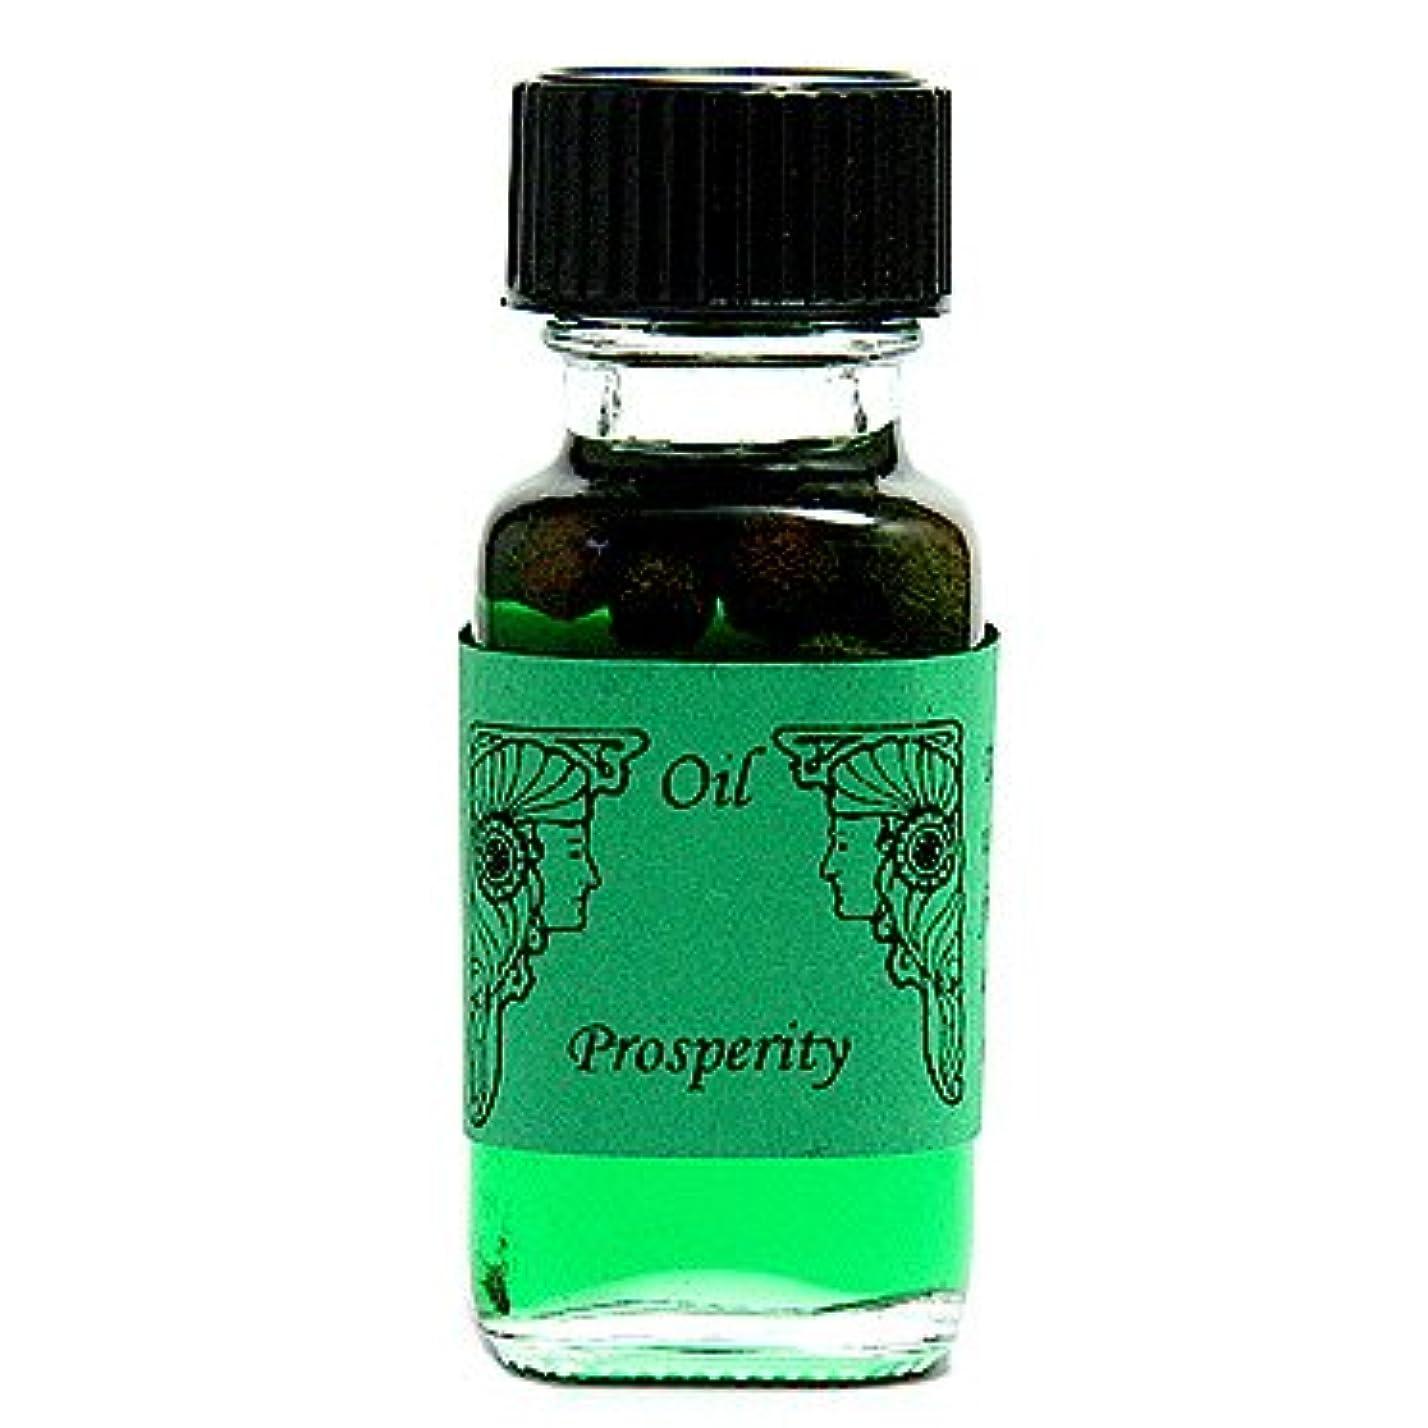 ためにネックレス拾うアンシェントメモリーオイル プロスペリティ (繁栄) 15ml (Ancient Memory Oils)